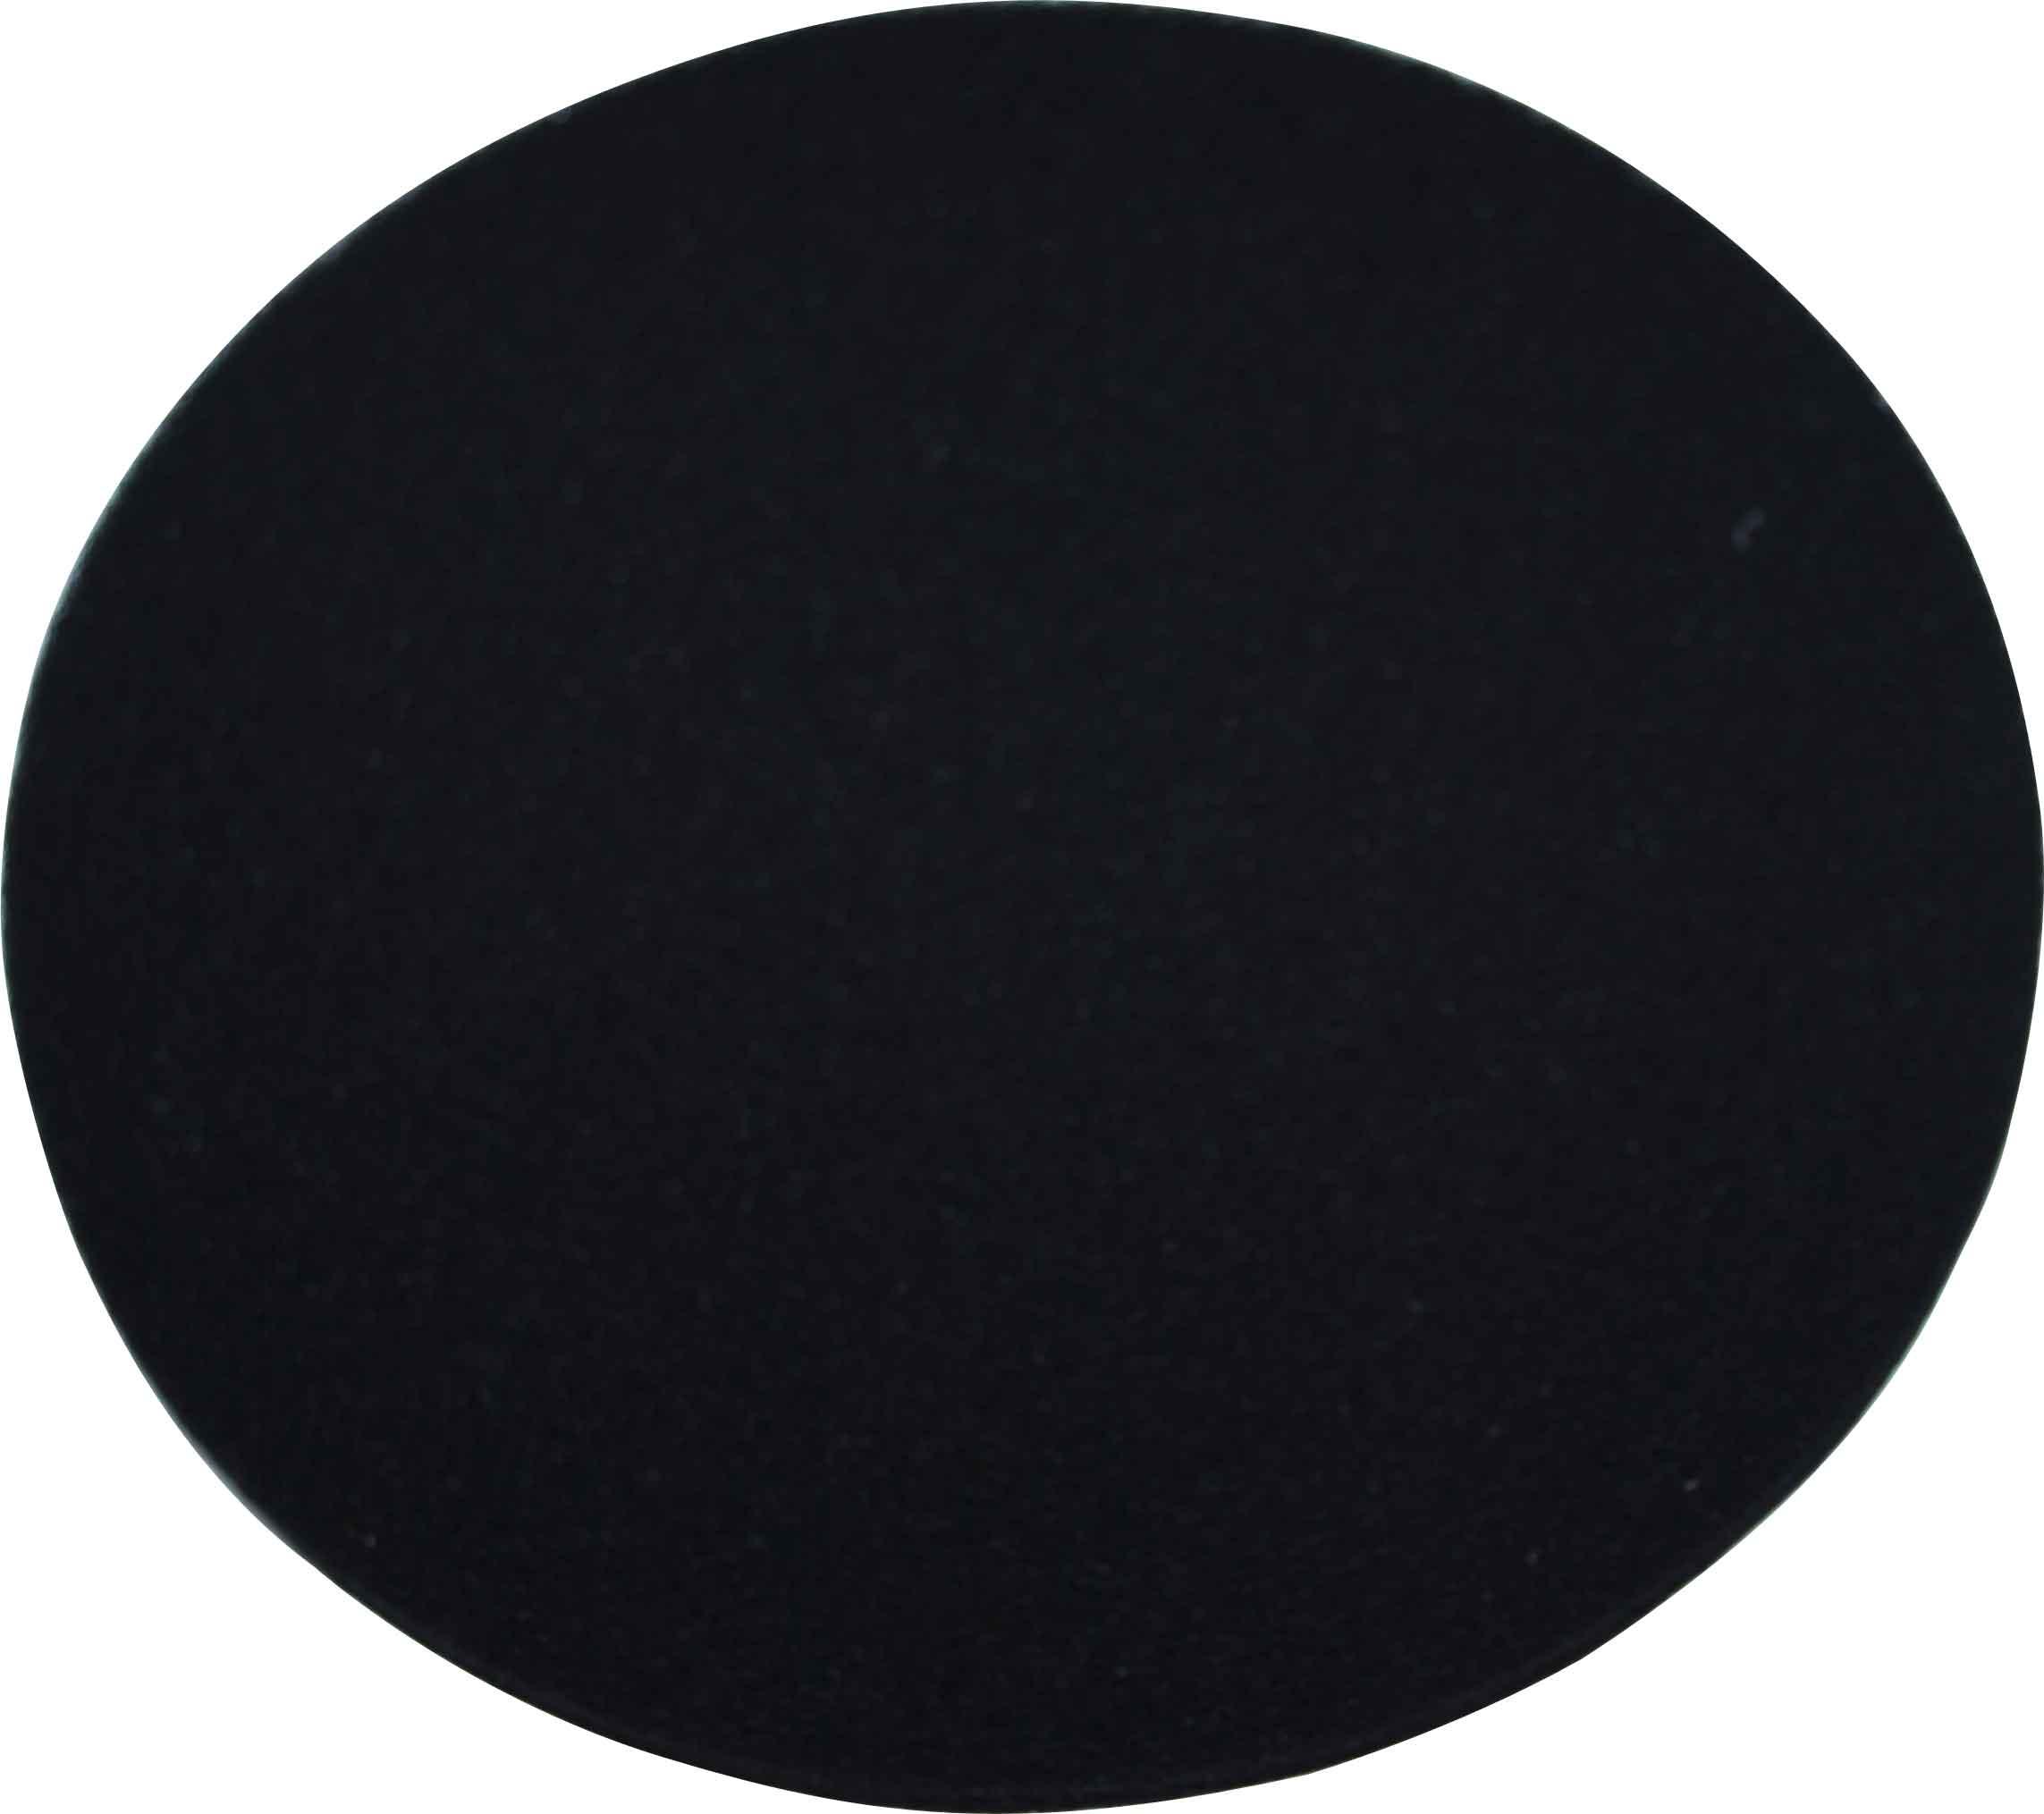 FILTRE À CHARBON P205 Ø 205MM X H 13MM (VENDU PAR 2)